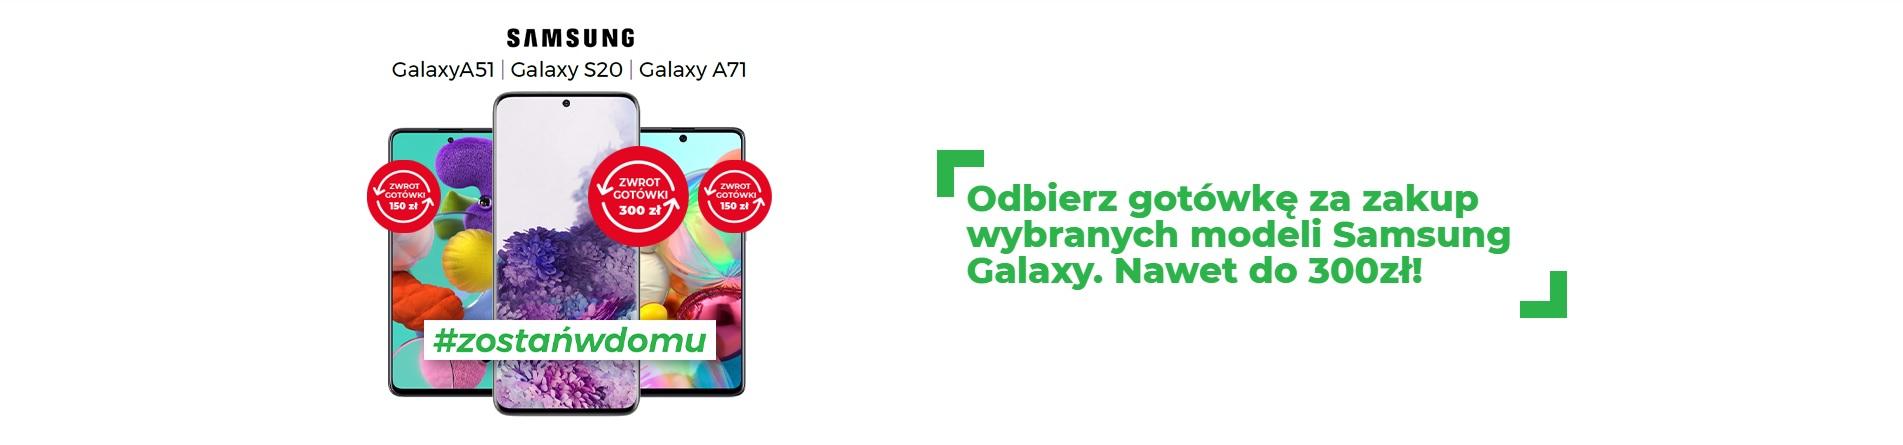 Promocja: kup wybranego Samsunga w Plusie, a dostaniesz nawet 300 zł z powrotem do ręki